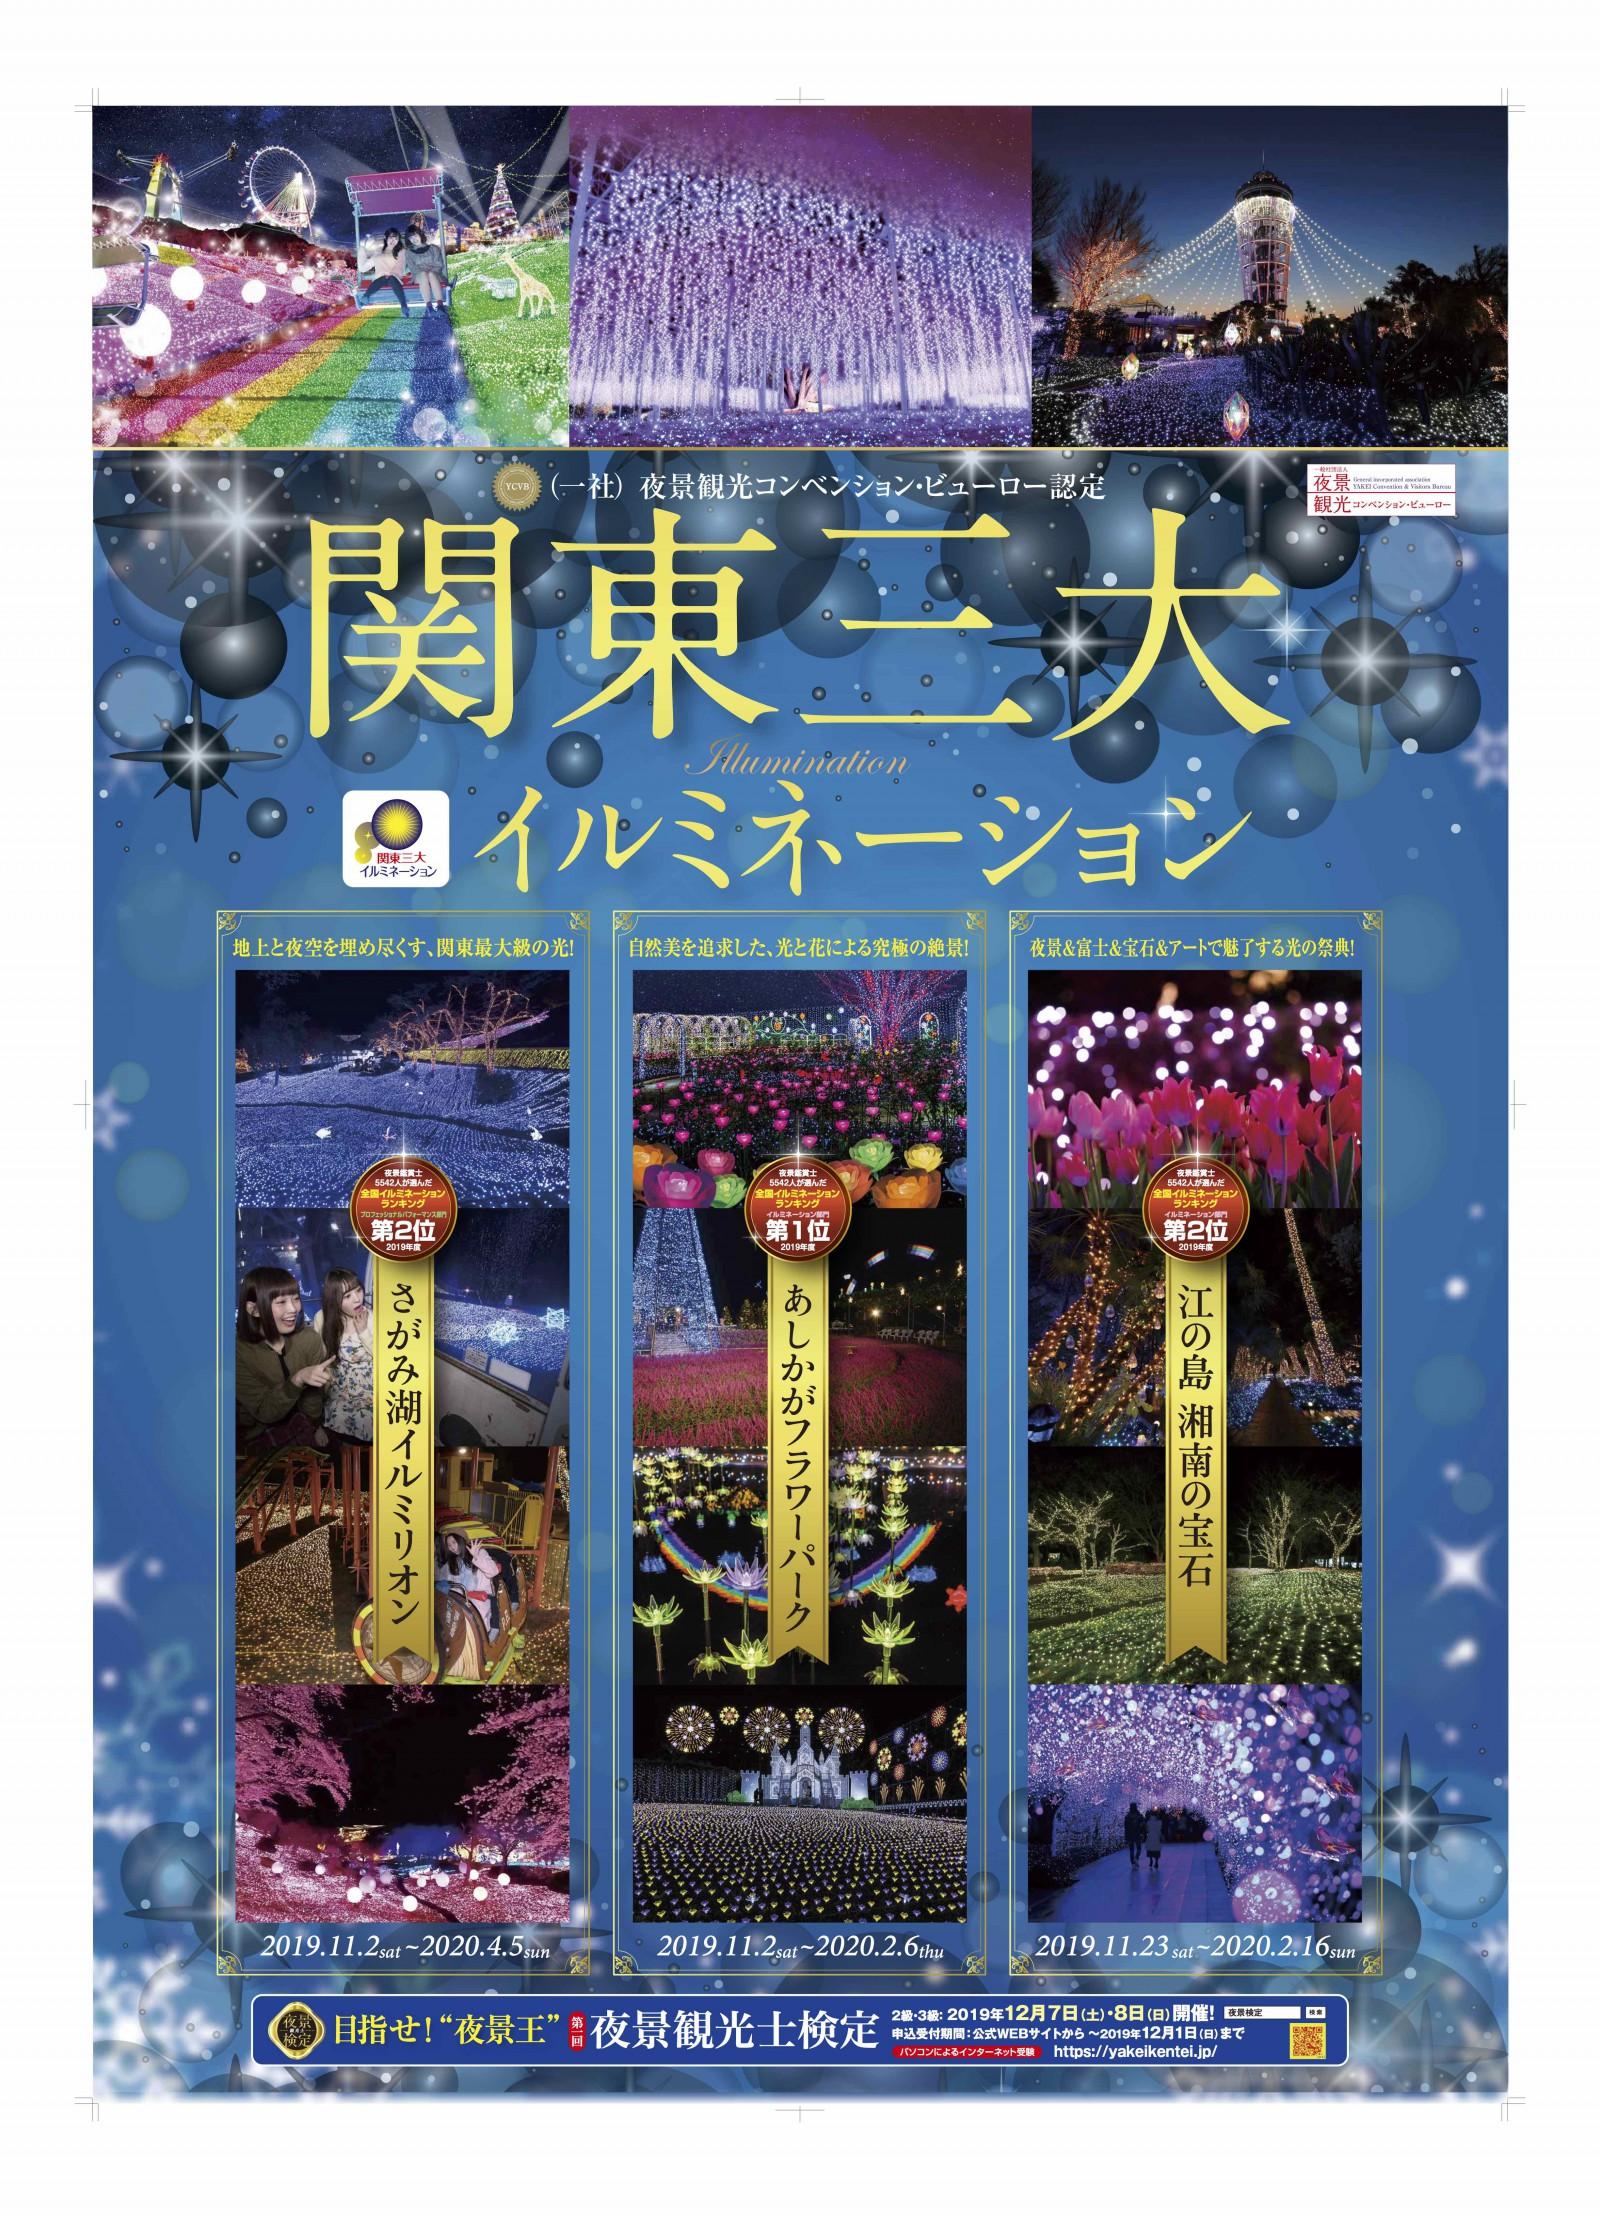 イルミネーション 2019 関東